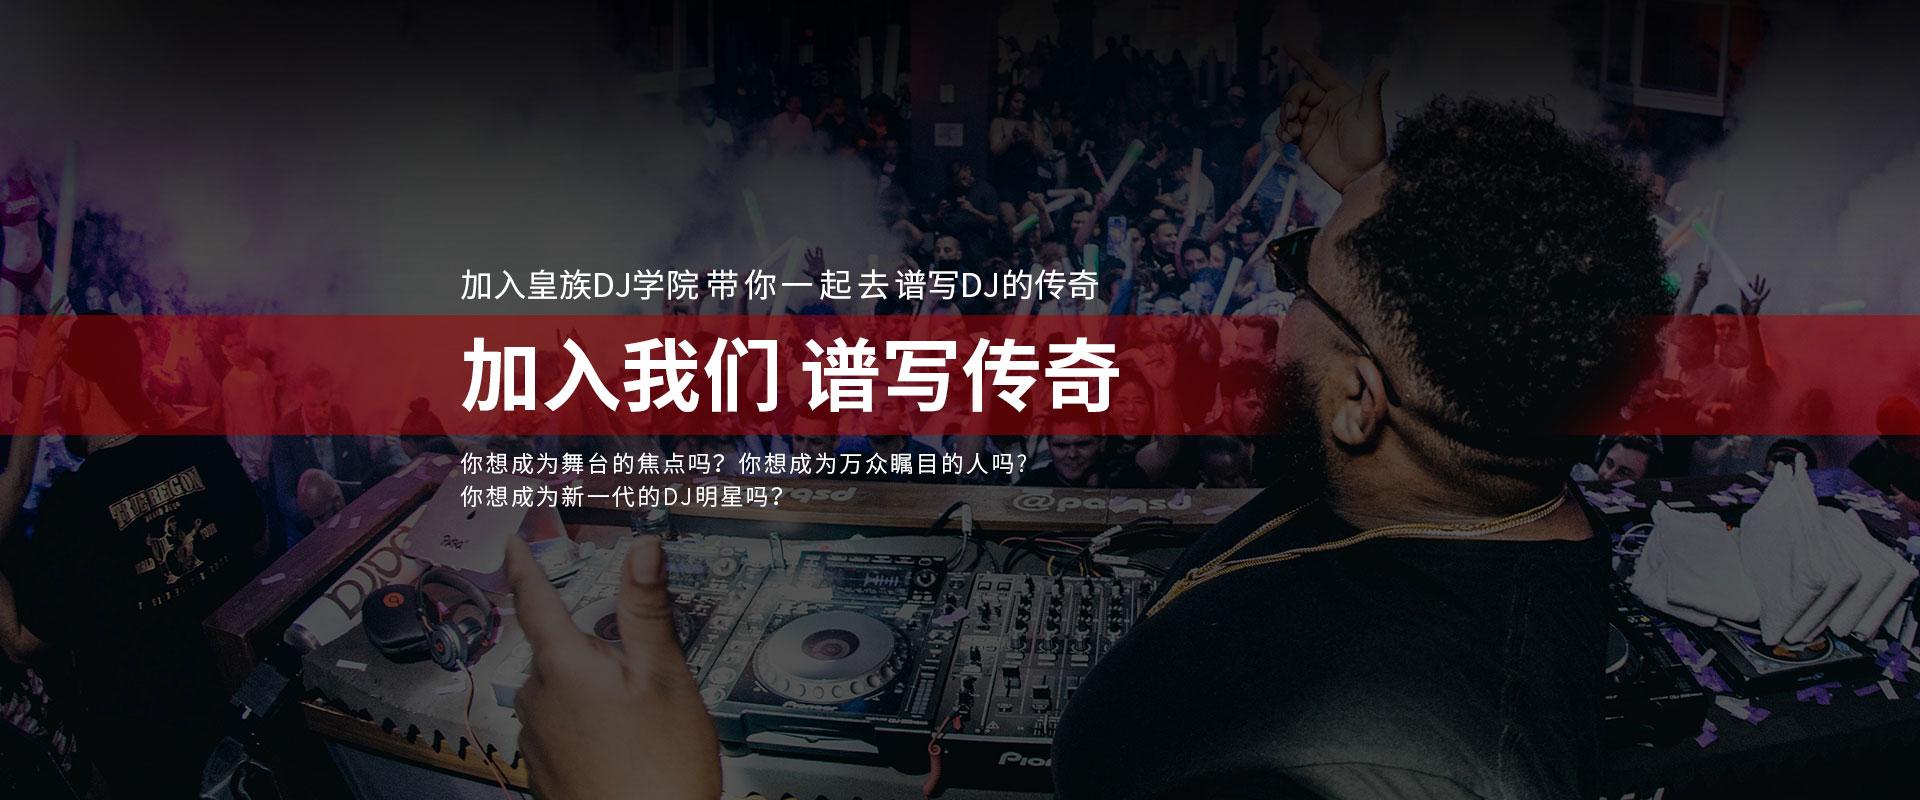 皇族DJ培训招生简章及公司介绍